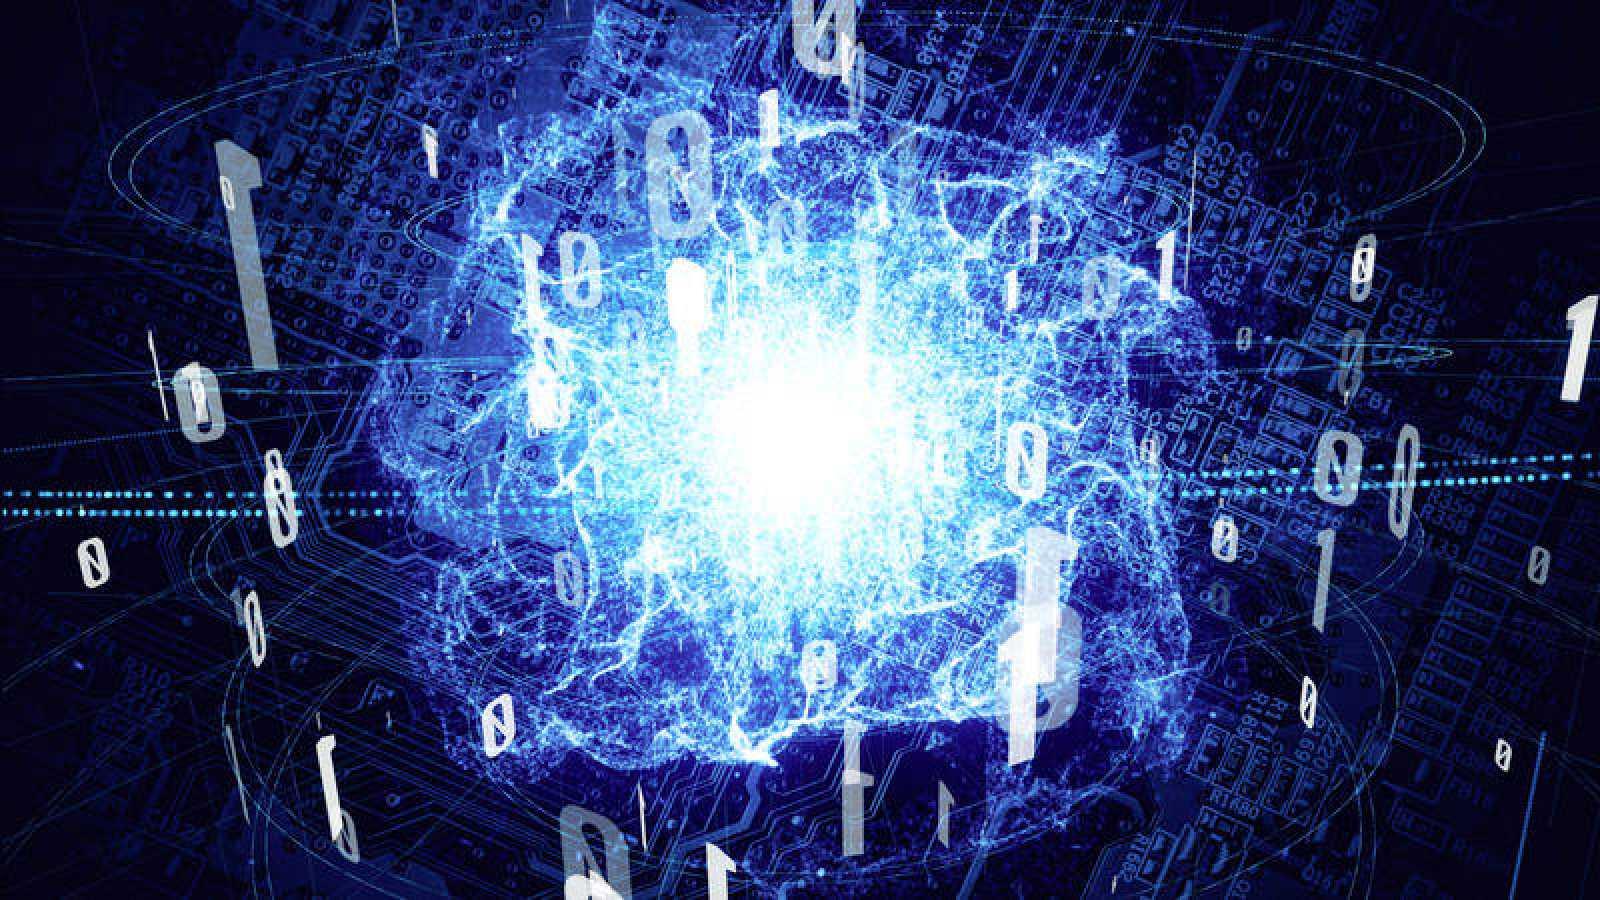 La computación cuántica permitirá resolver problemas que no se pueden afrontar con latradicional.